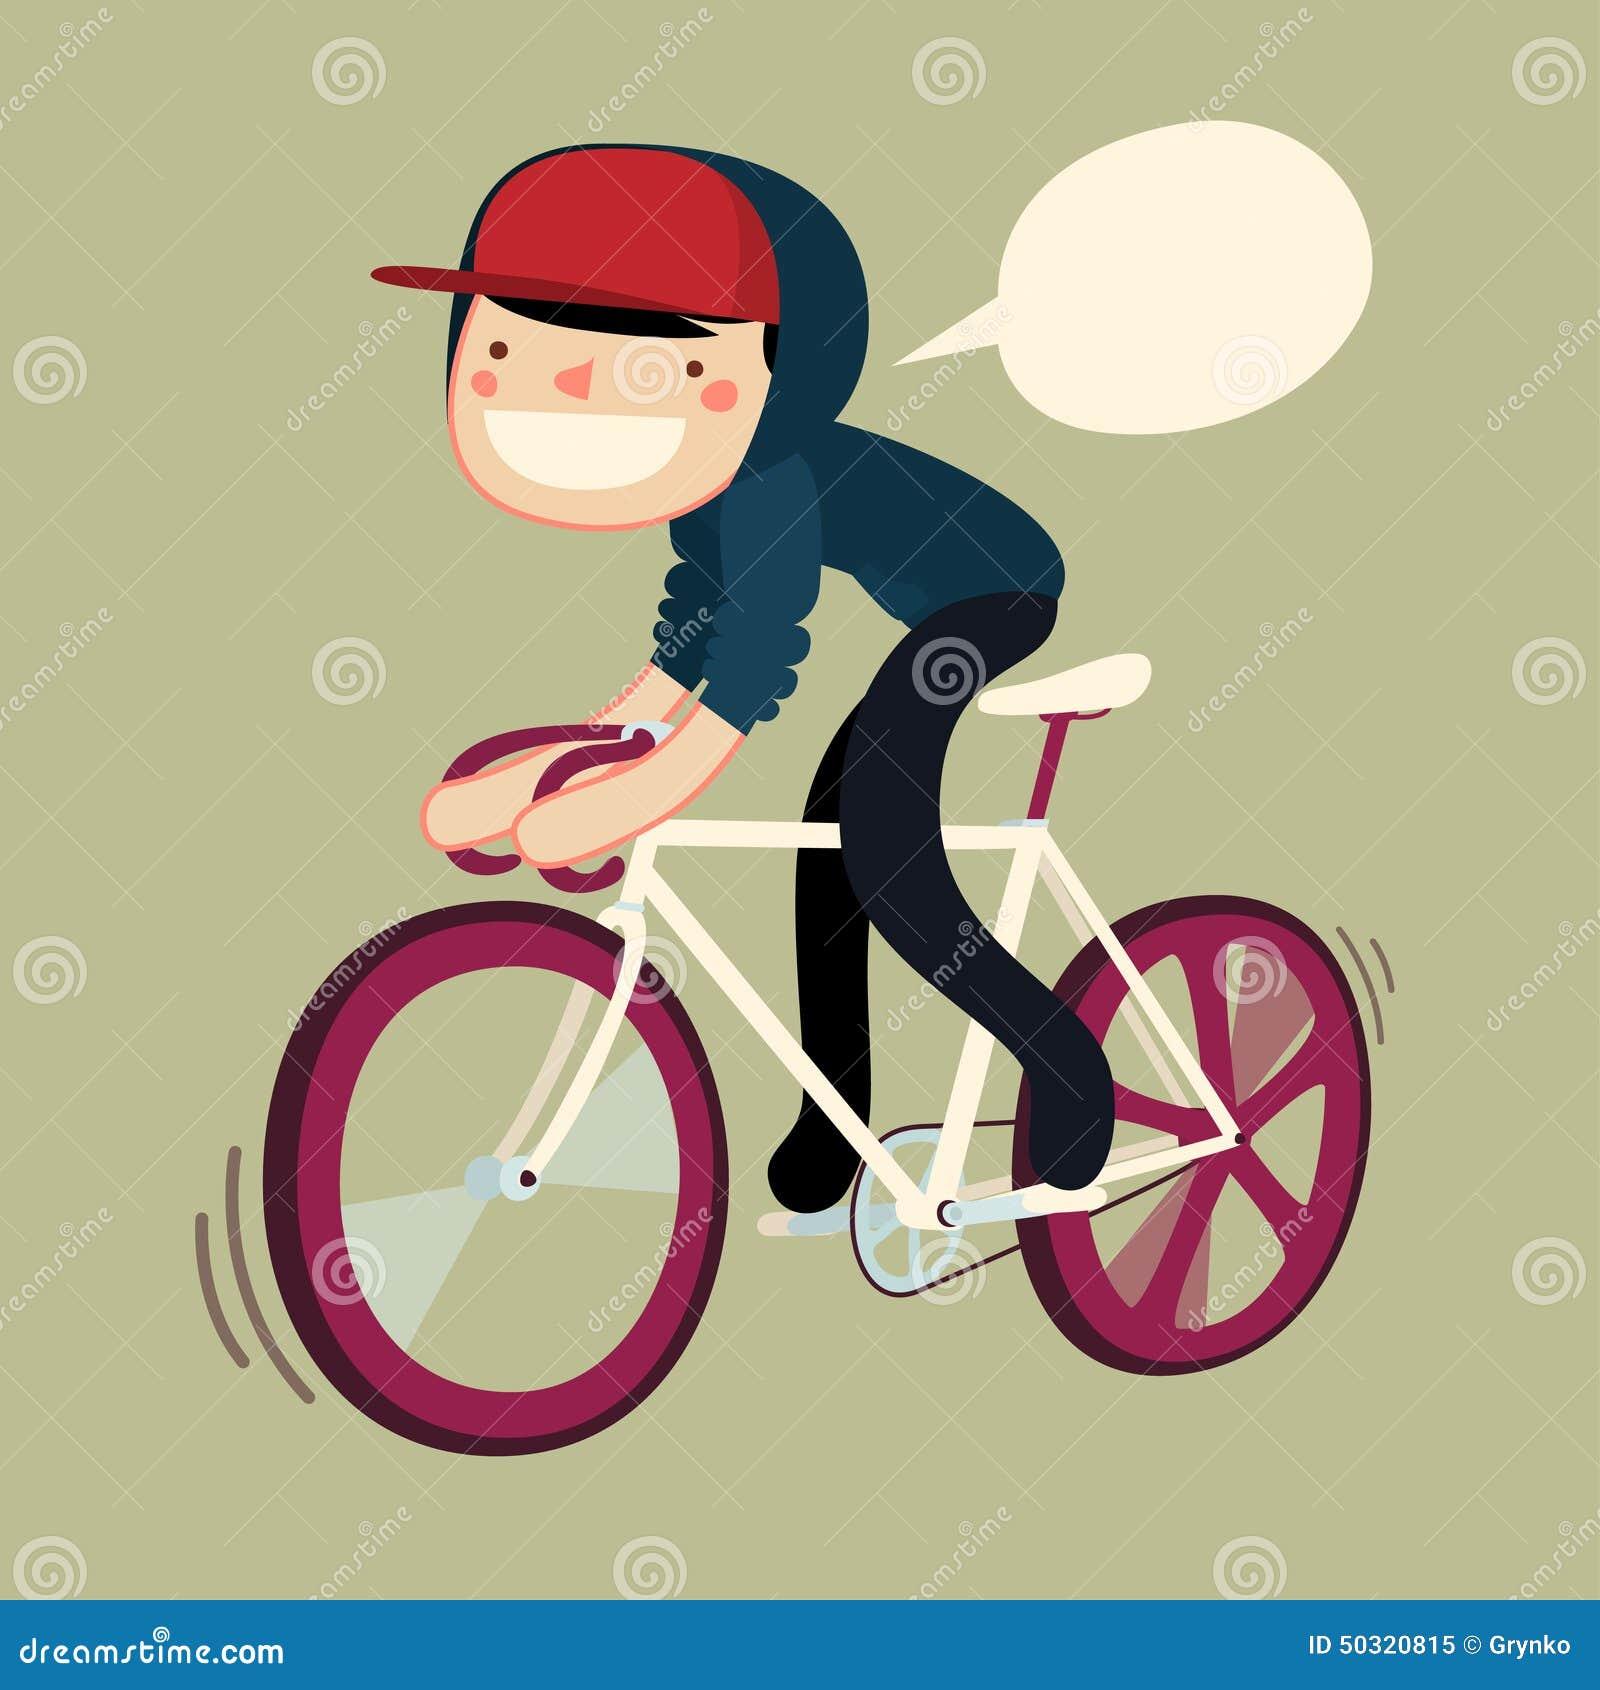 Personaje De Dibujos Animados De La Bici Del Montar A